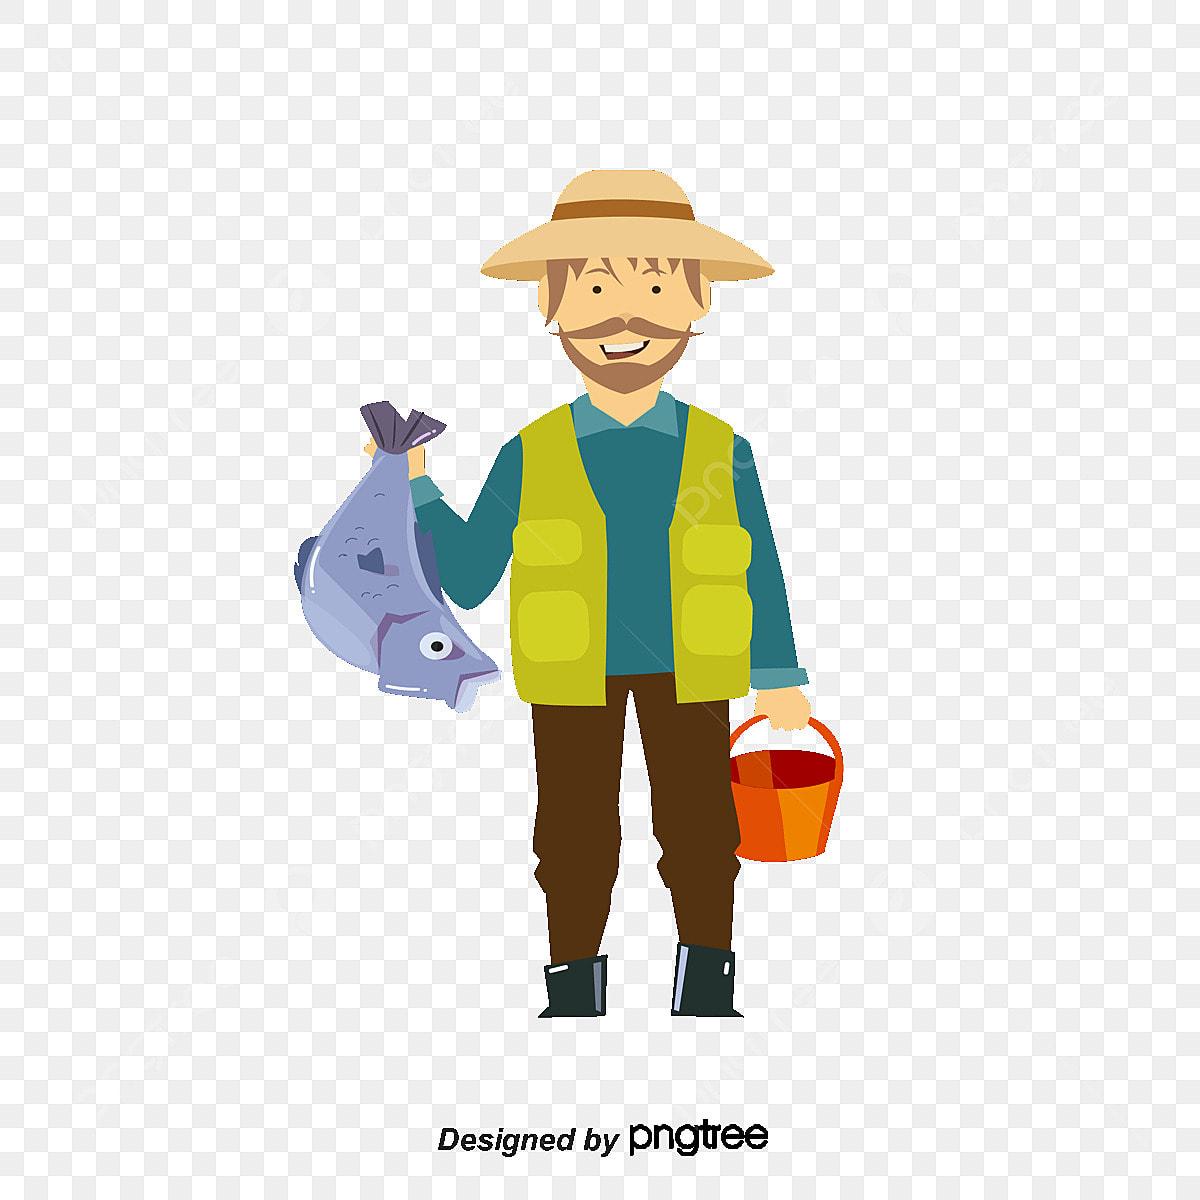 Desenhos Animados De Pescador Cartoon 鱼翁 O Peixe Arquivo Png